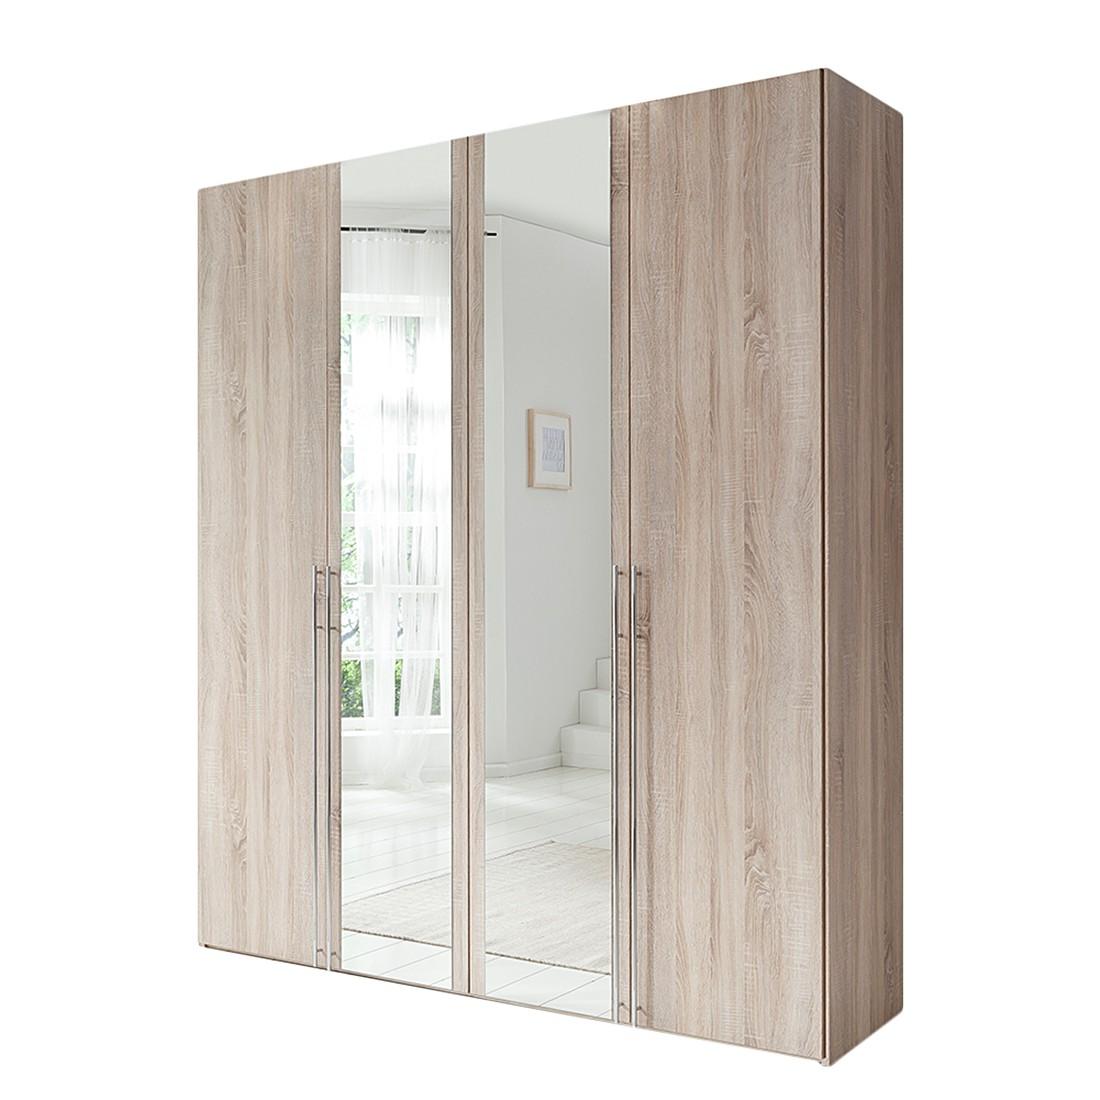 kleiderschr nke archives. Black Bedroom Furniture Sets. Home Design Ideas